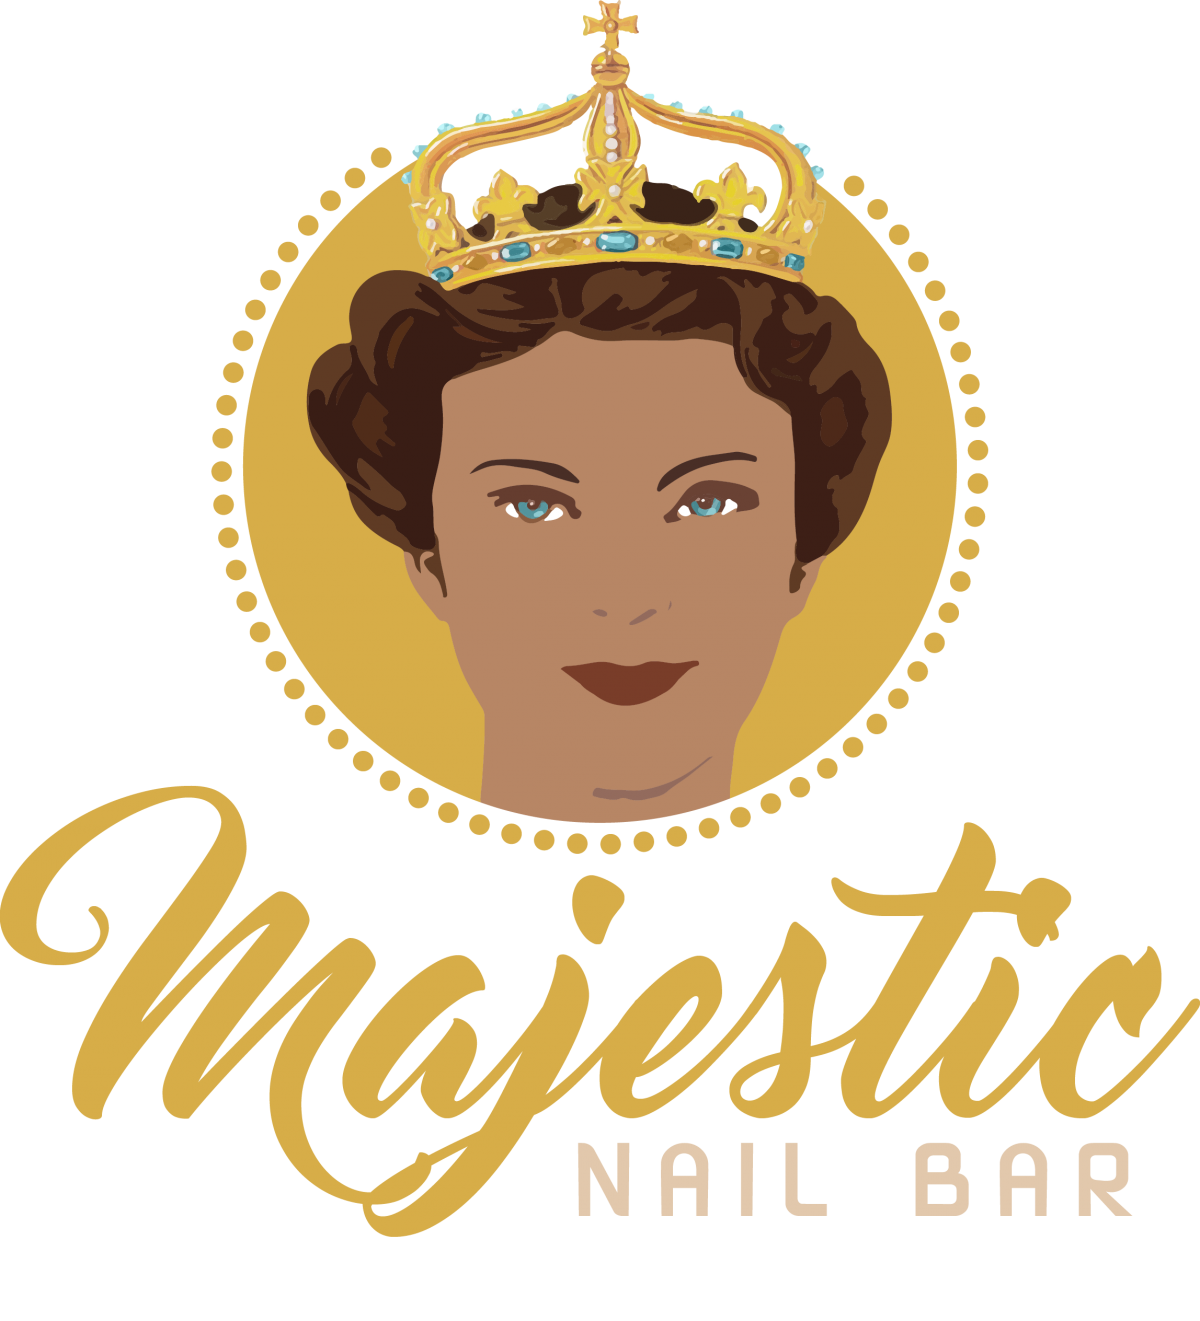 Nail clipart nail bar. Majestic